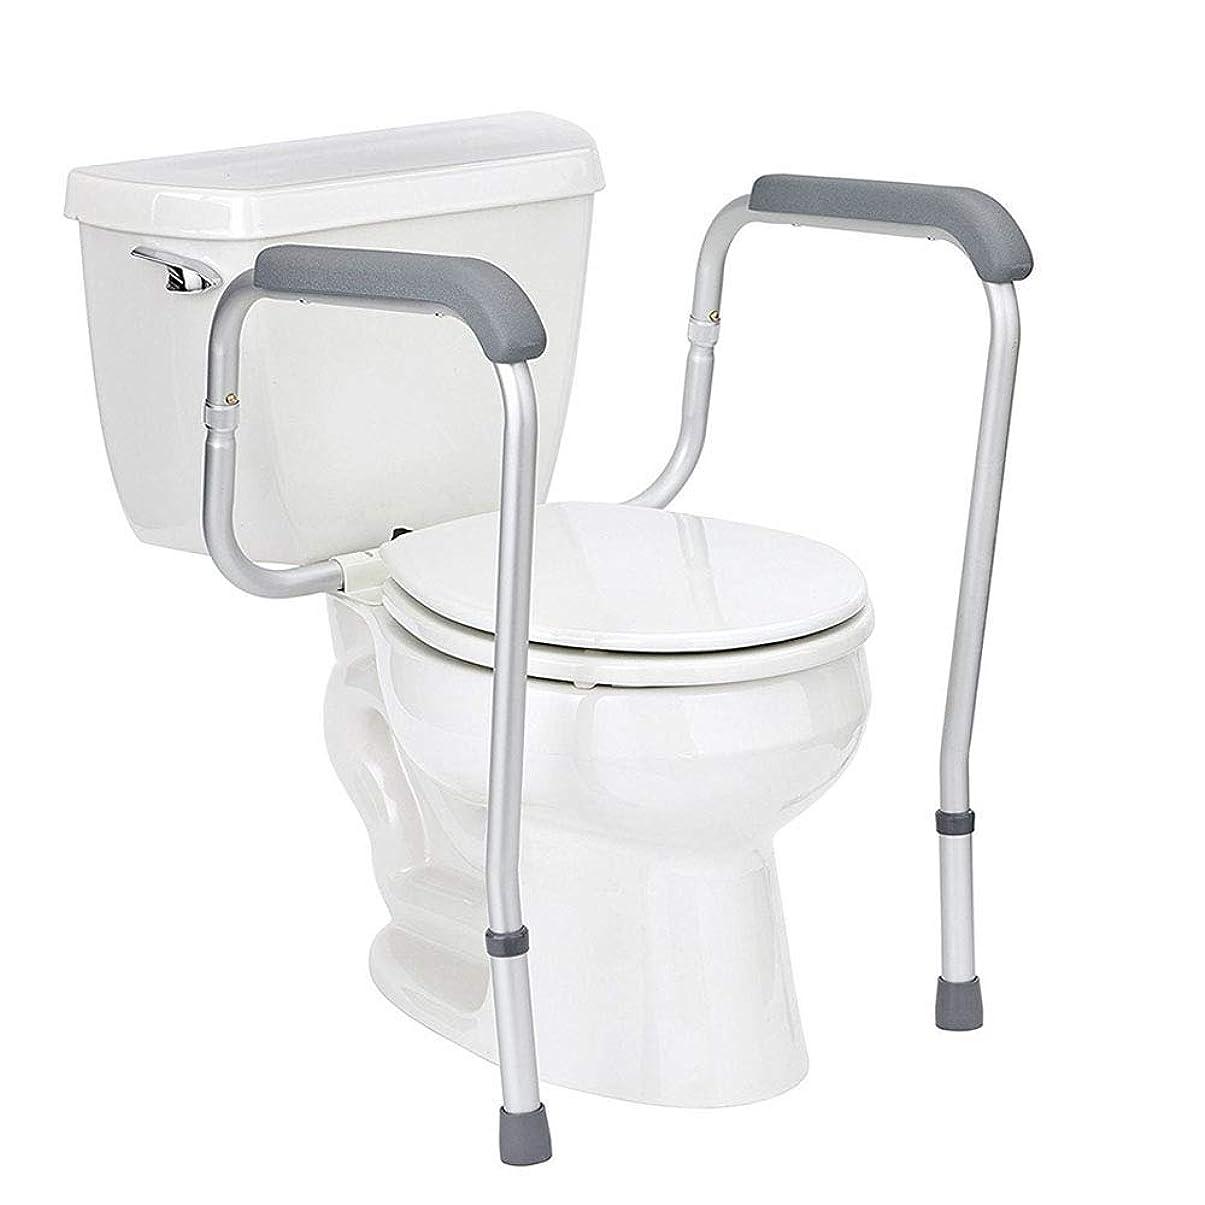 ドルライドパラダイストイレの安全レール、浴室の安全フレームの設置、高さ調節可能な脚、高齢者、ハンディキャップ、身体障害者、高齢者向け